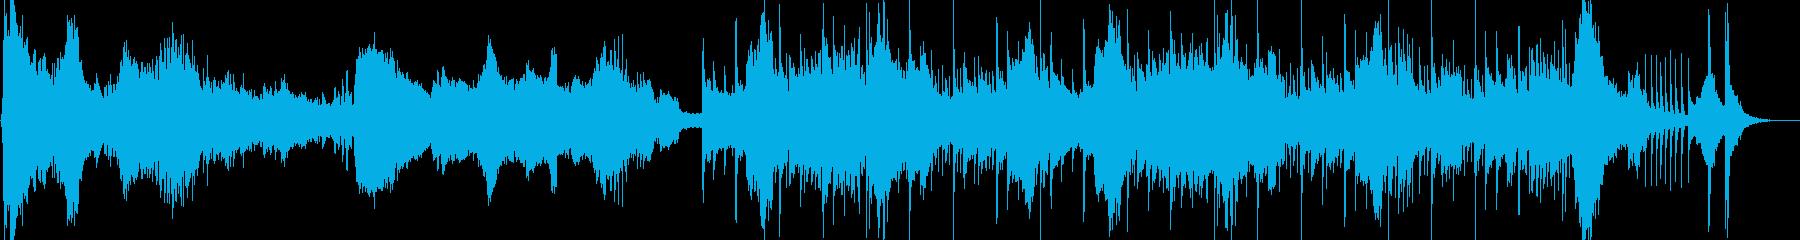 和風 恐怖お岩さん的ホラーの再生済みの波形